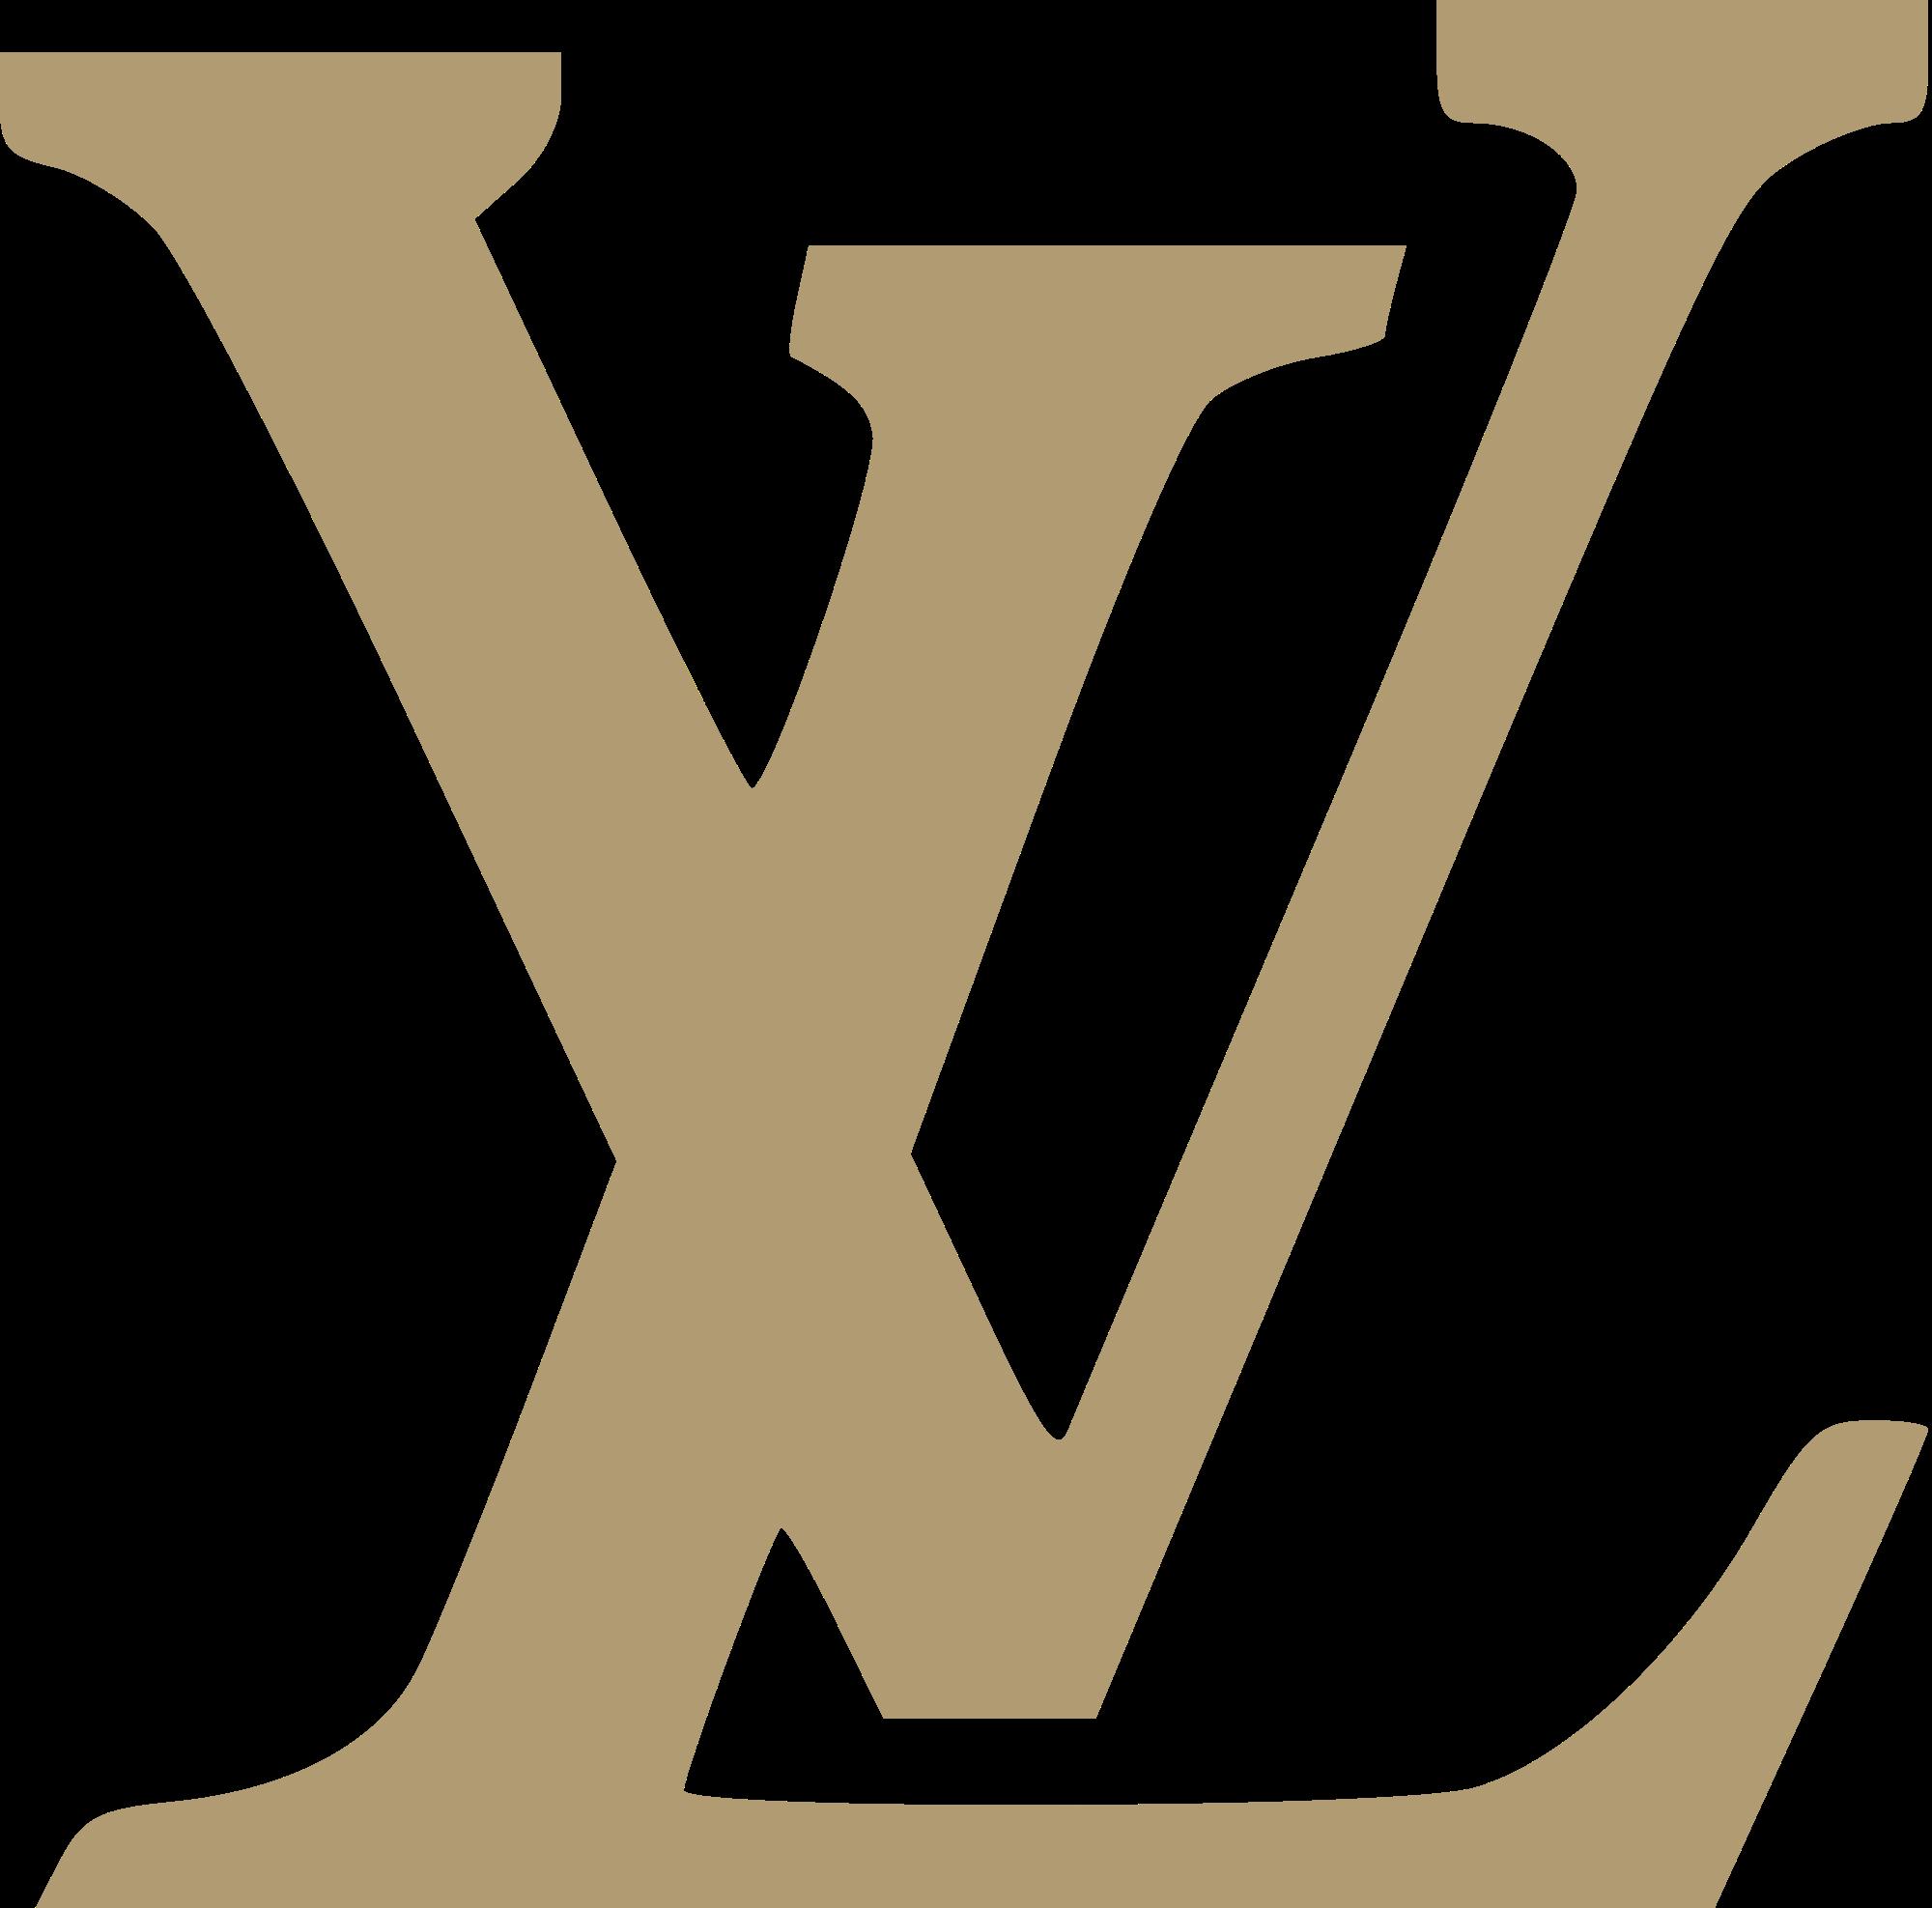 Louis Vuitton Logo Images